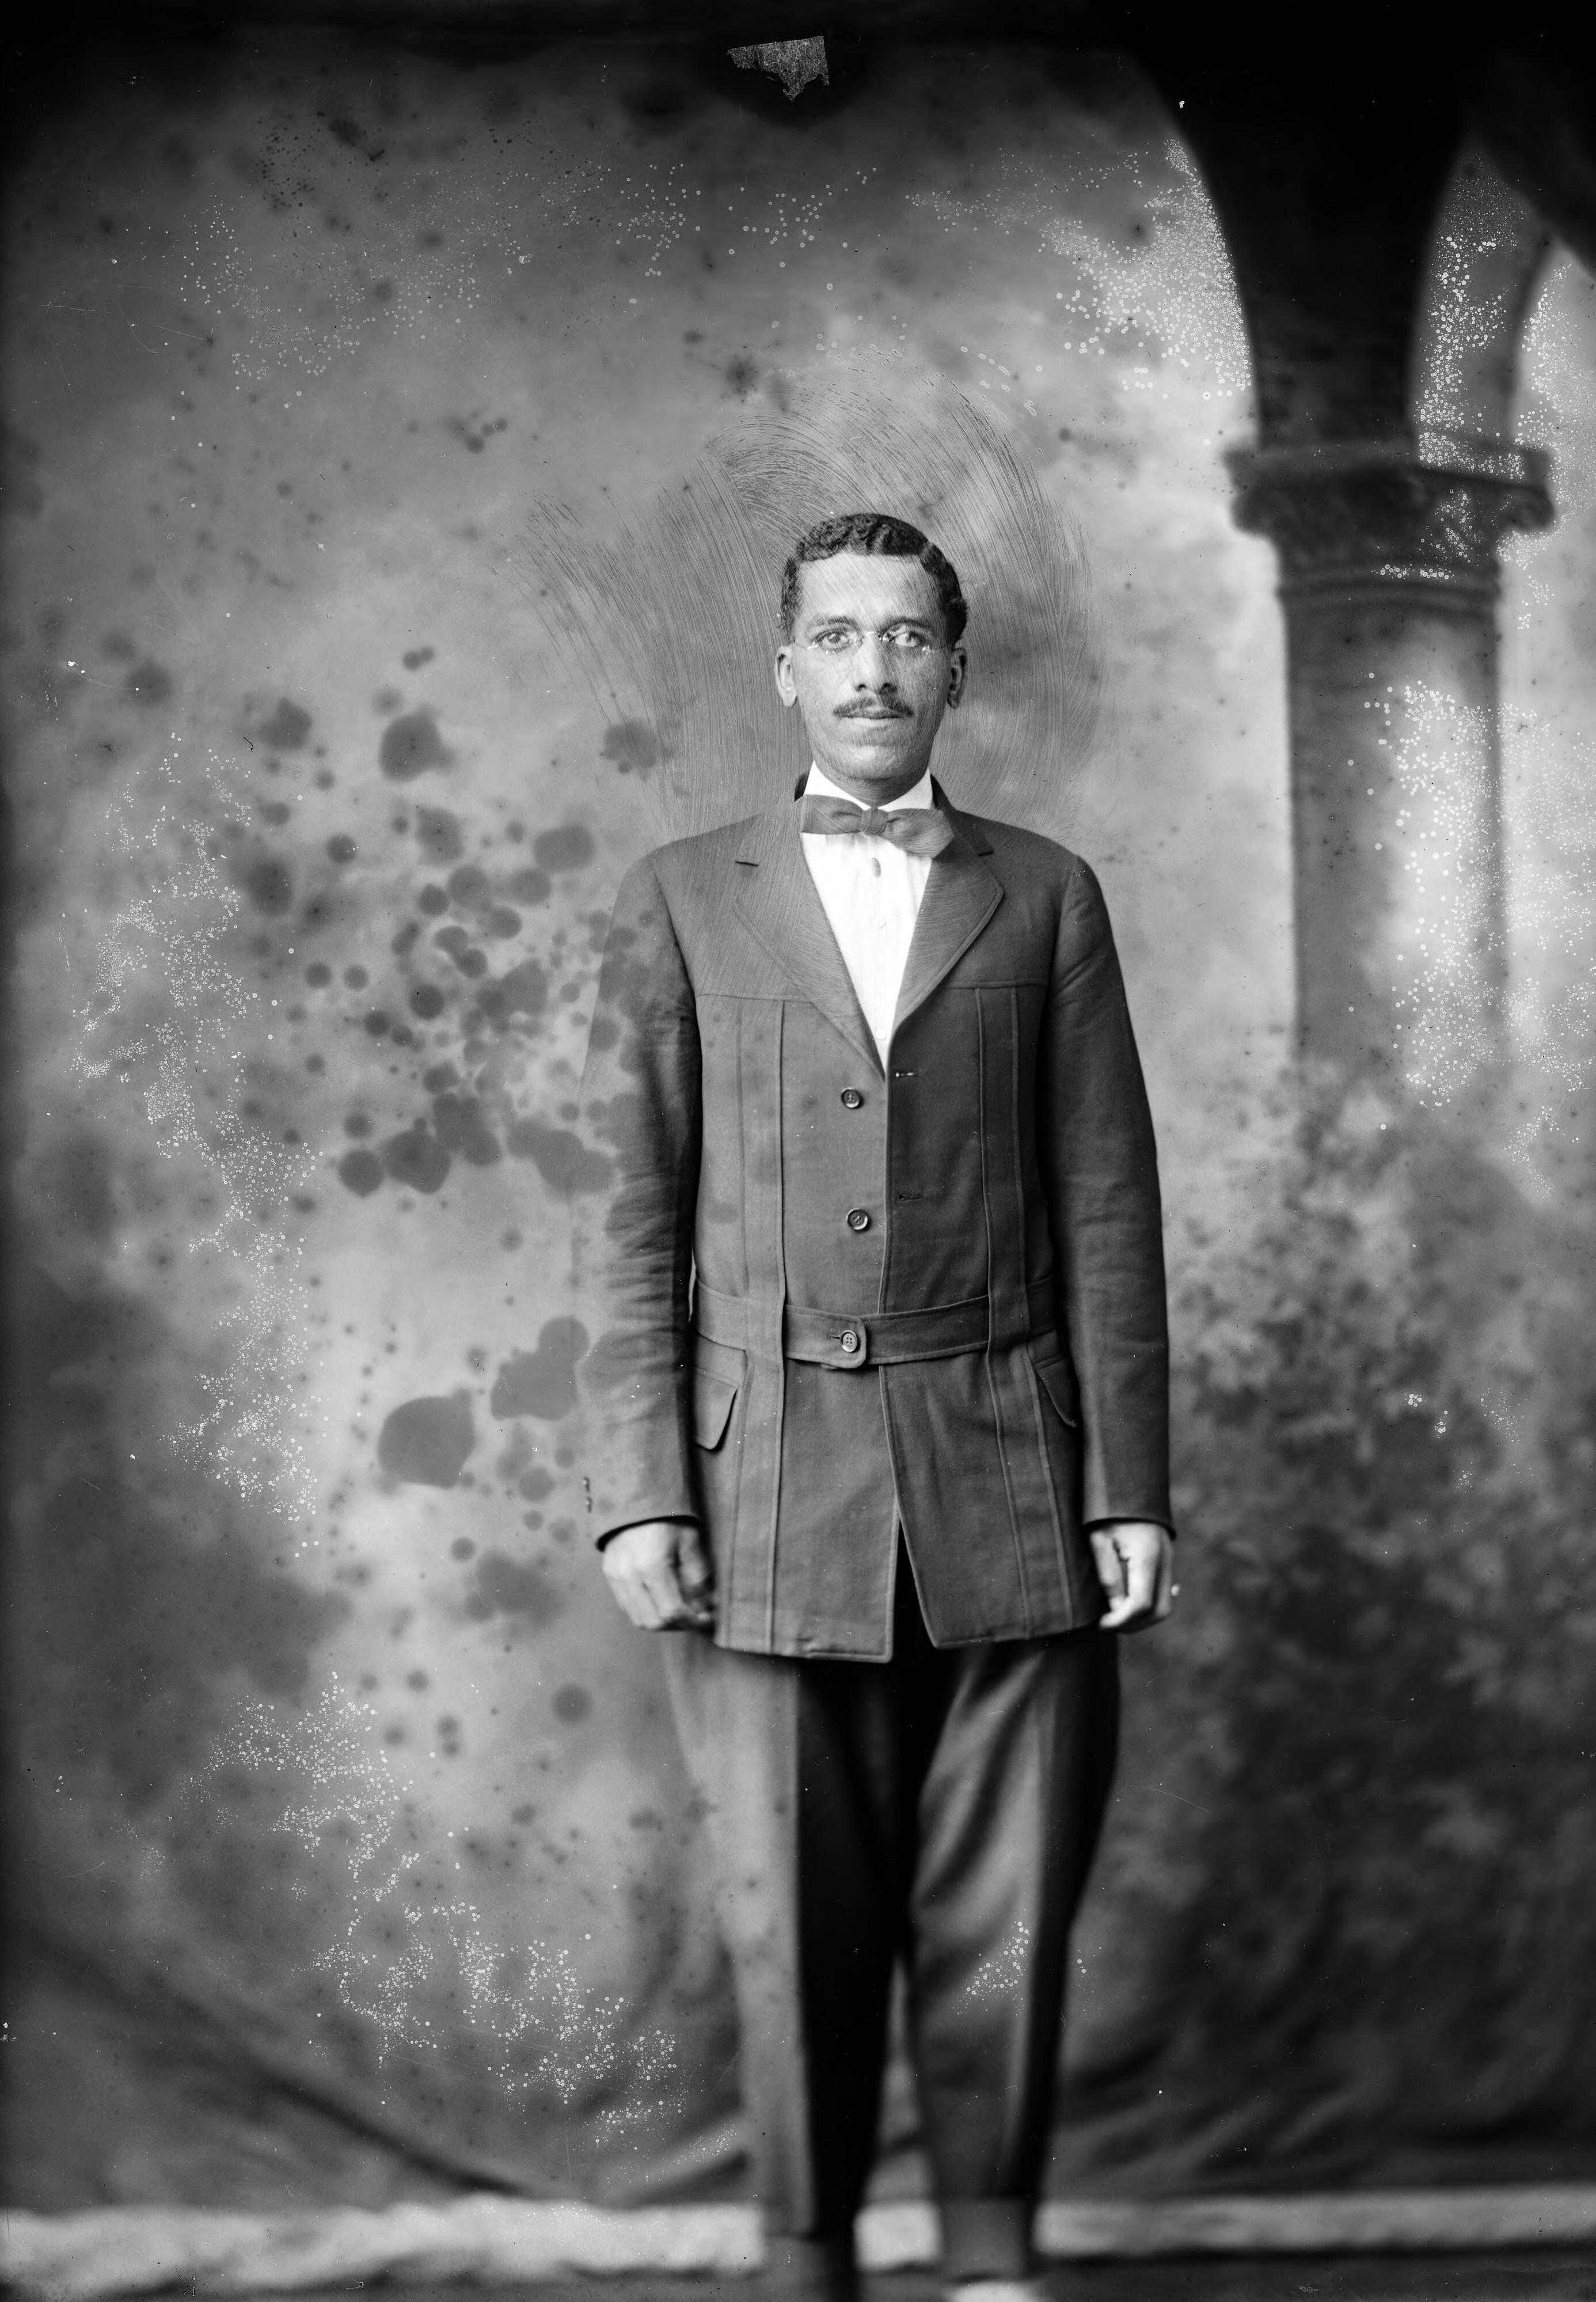 F.A. Jackson